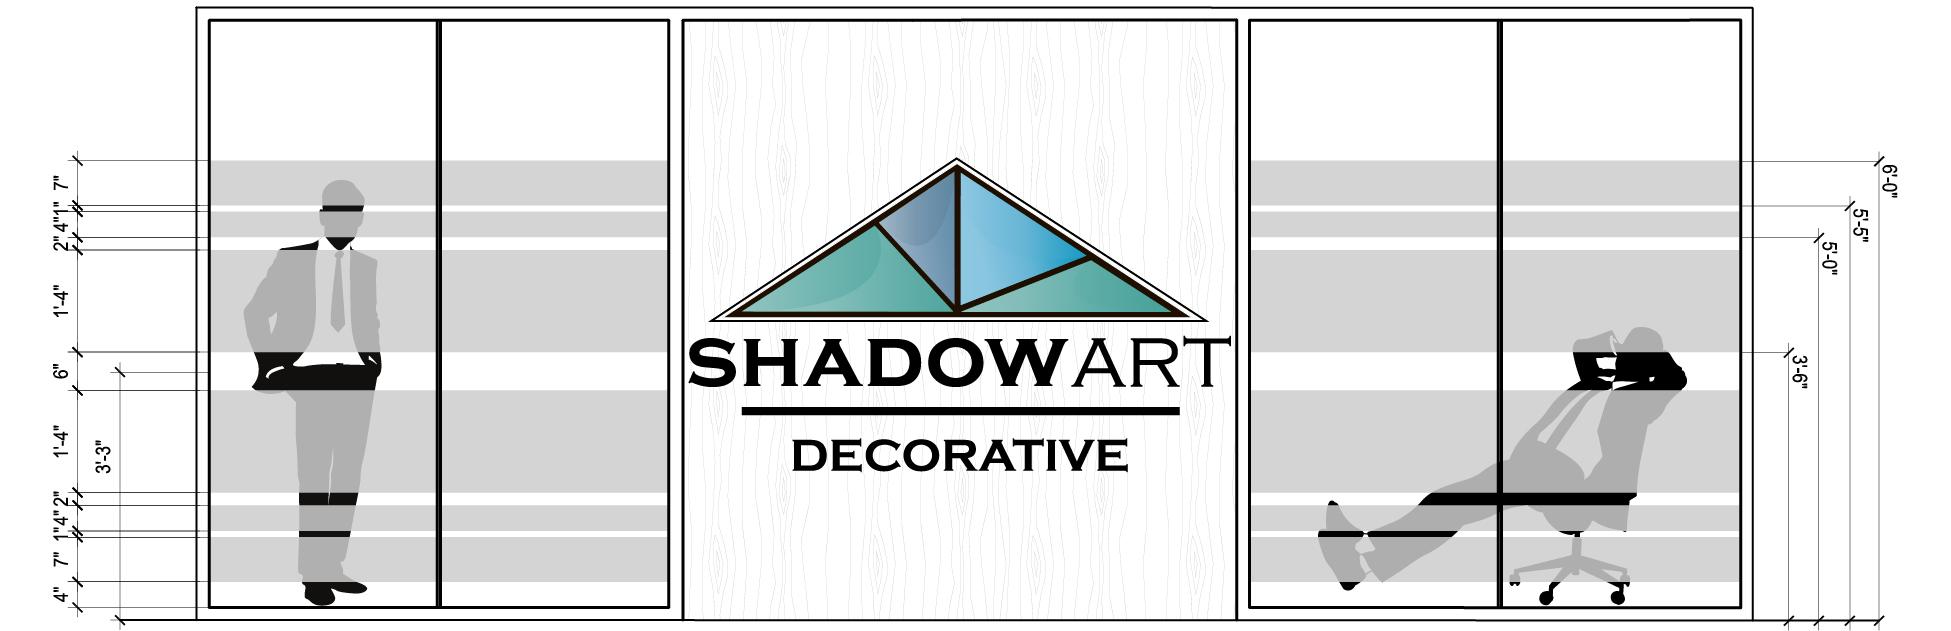 creative design decorative films